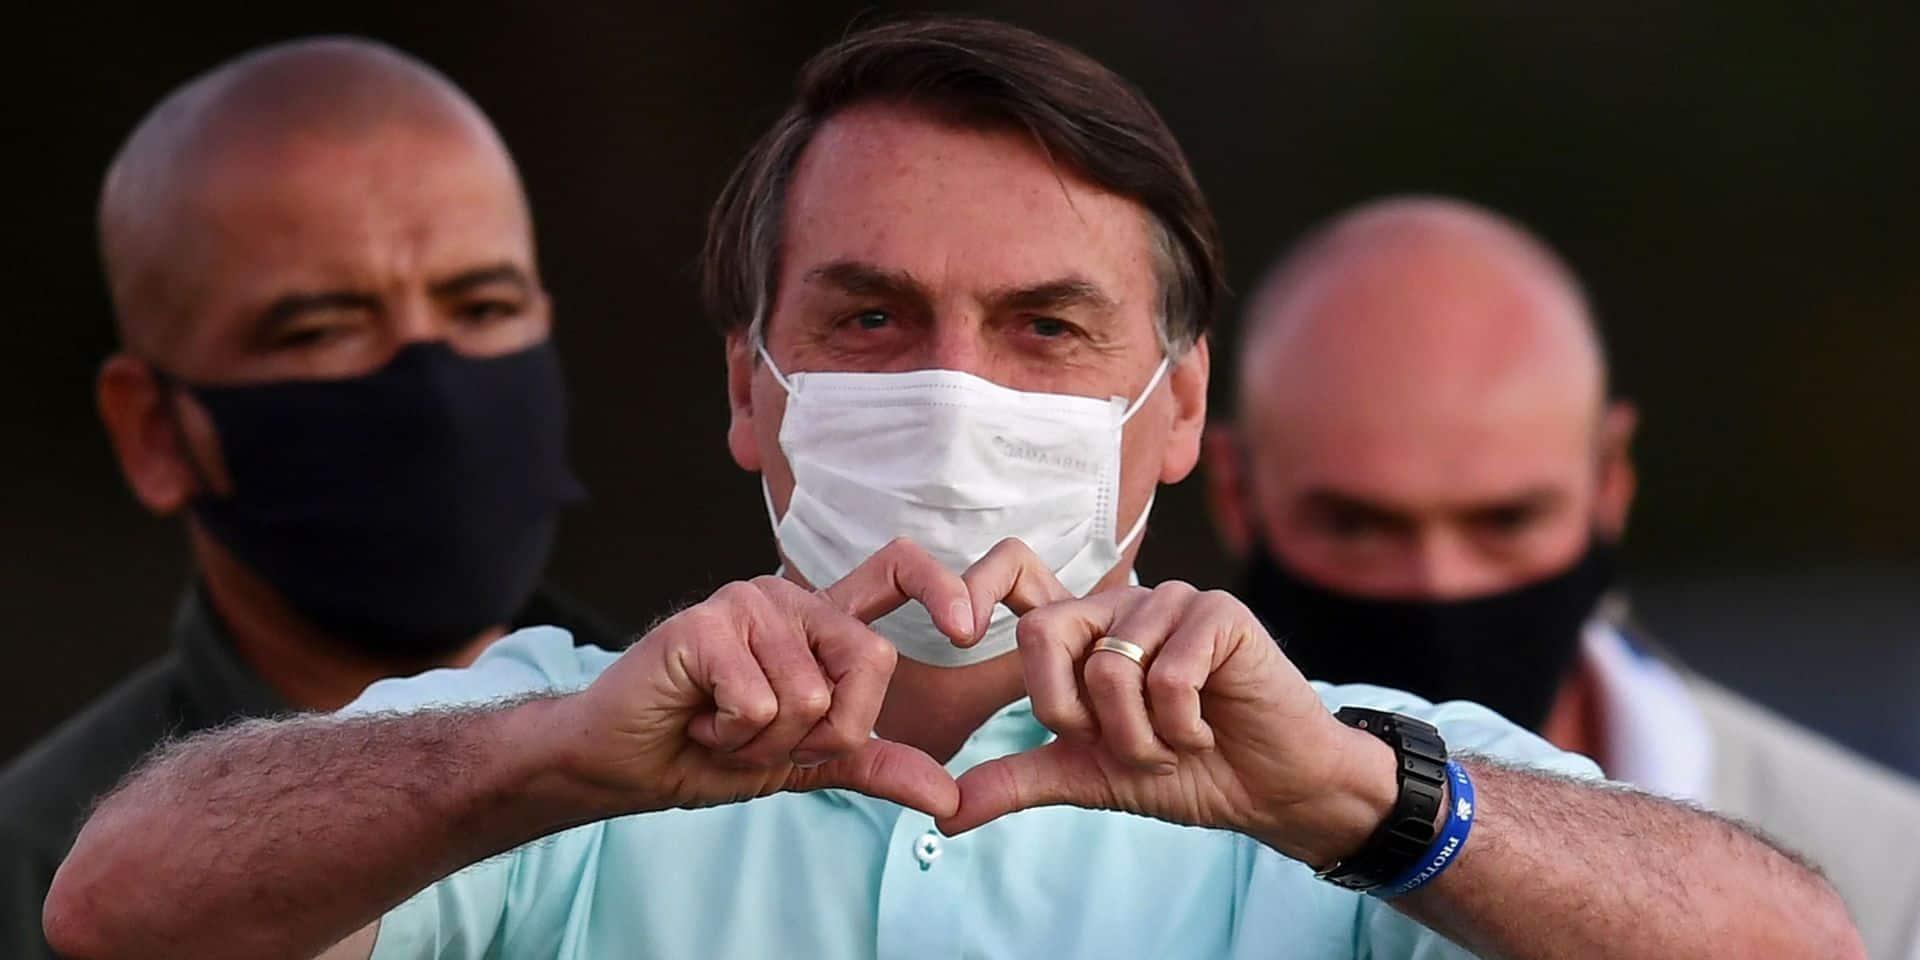 Alors que le Brésil dépasse le cap des 100.000 morts liés au coronavirus, Bolsonaro célèbre une victoire de son équipe de foot préférée